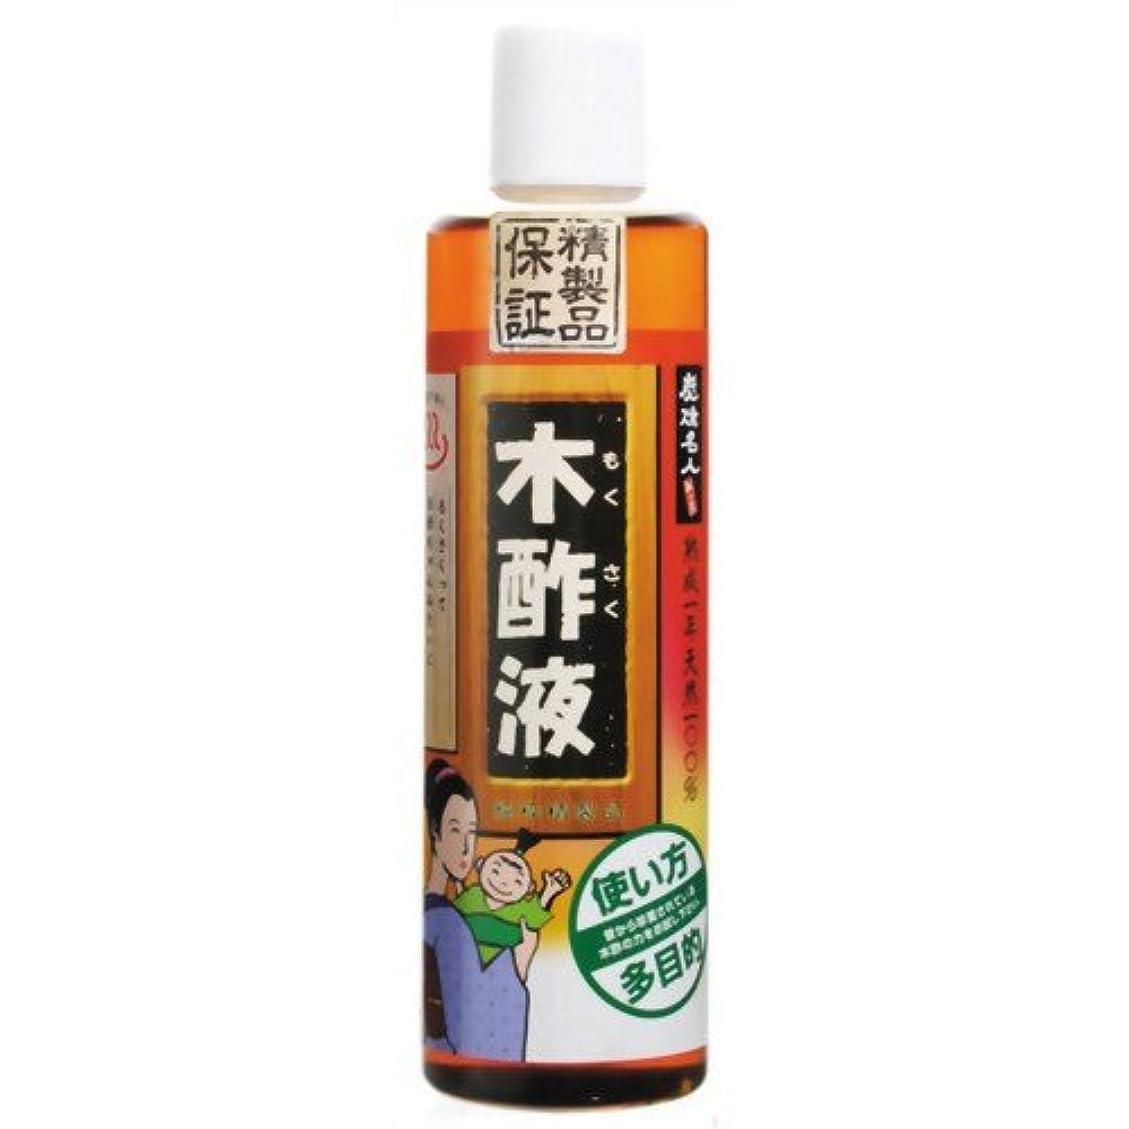 キャメル操作可能外向き純粋木酢液 320ml